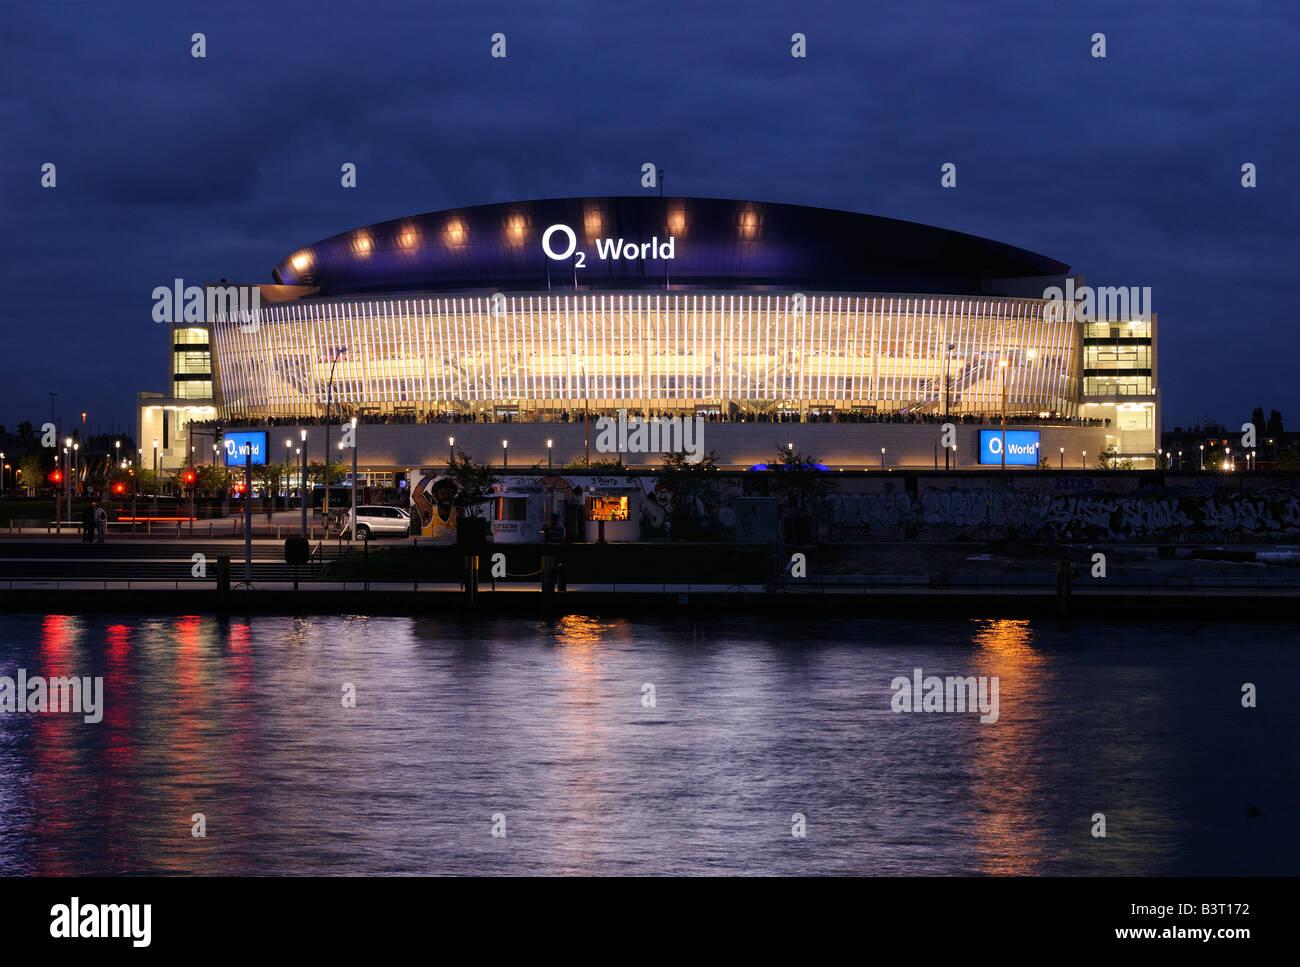 Berlin. O₂ World. O₂ Arena in Berlin-Friedrichshain. - Stock Image